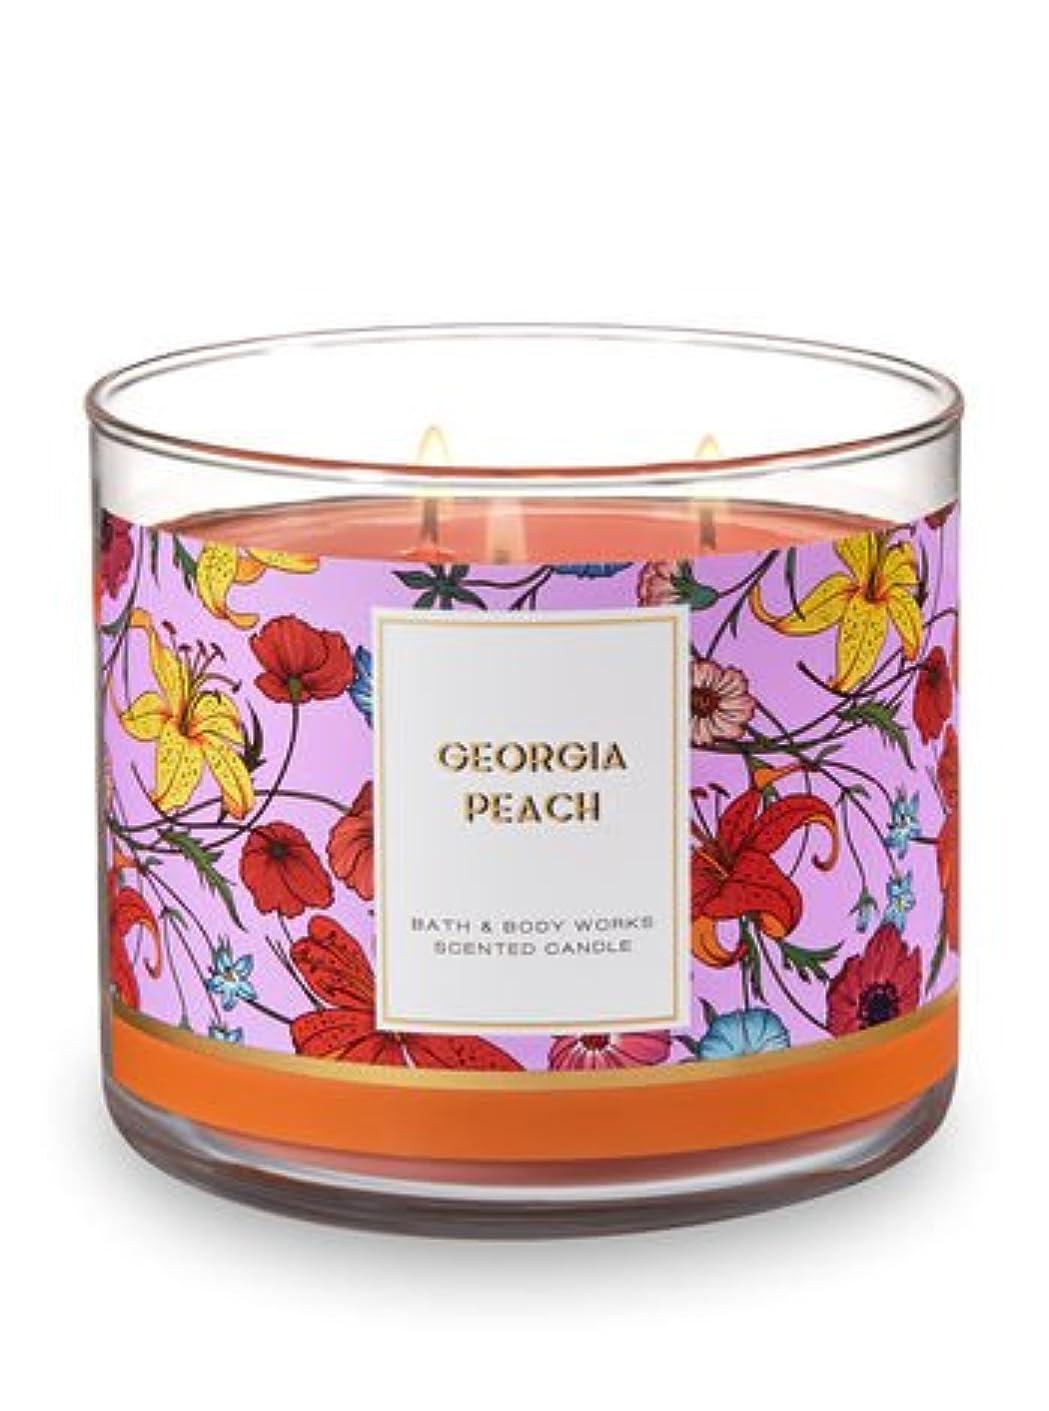 外交官テメリティ情熱的Bath and Body Works 3?Wick Scented Candle Georgia Peach 14.5オンス